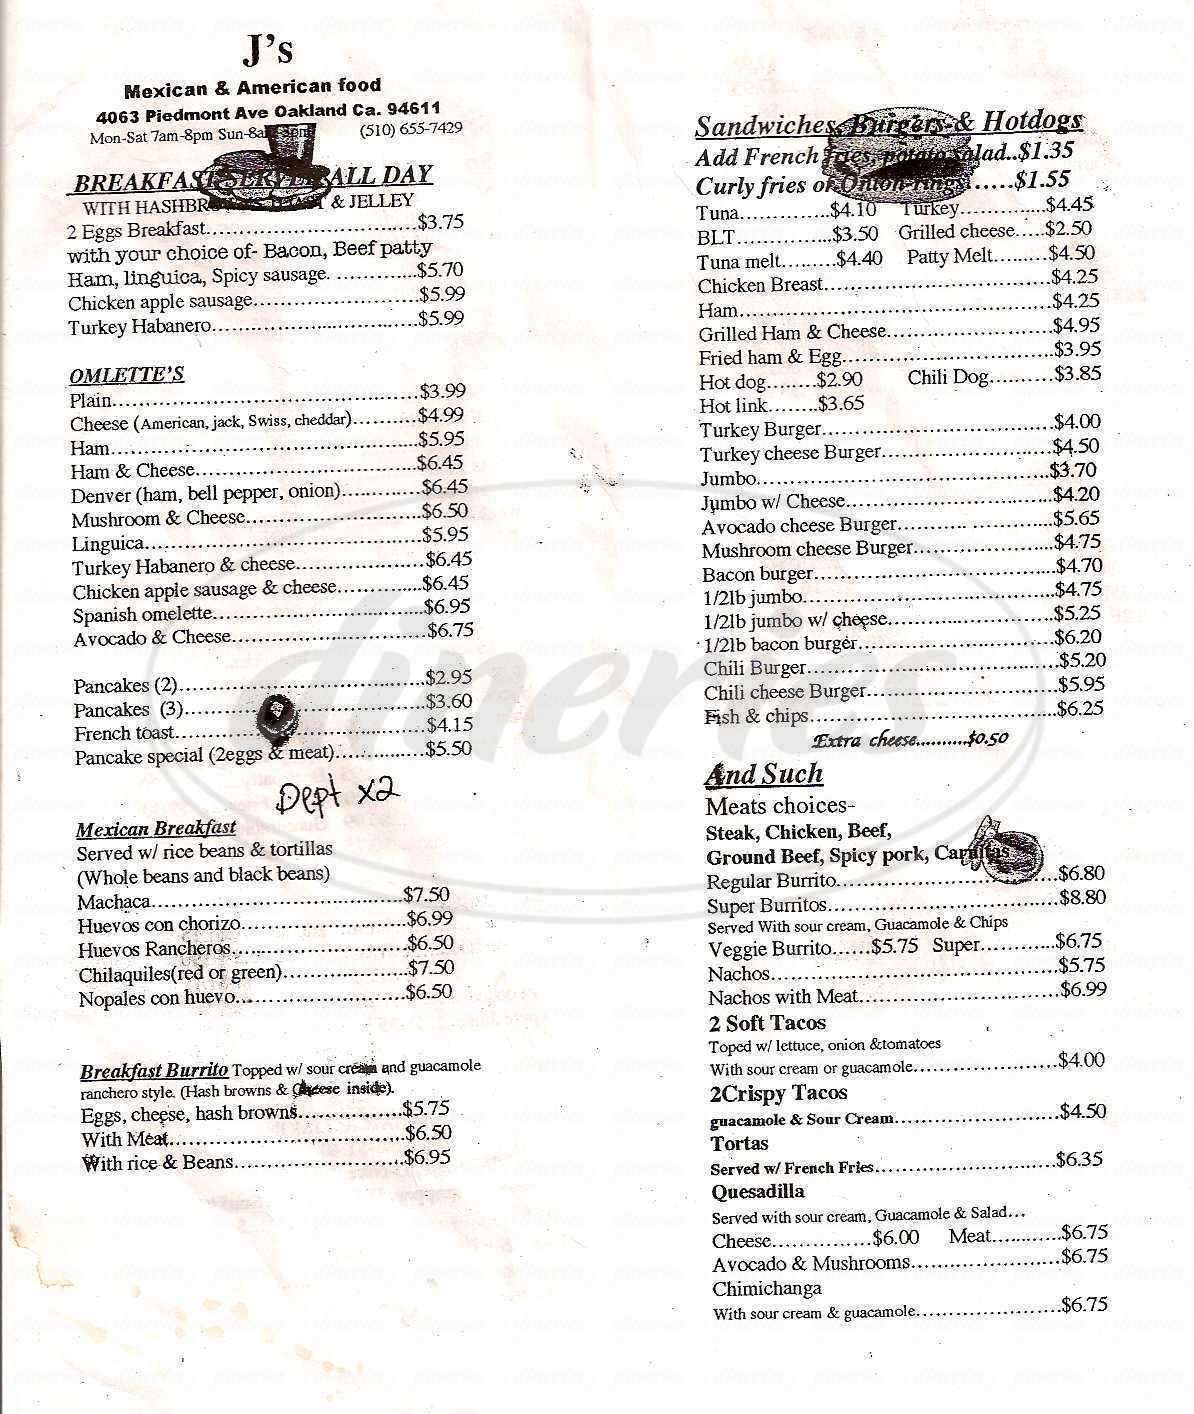 menu for J's